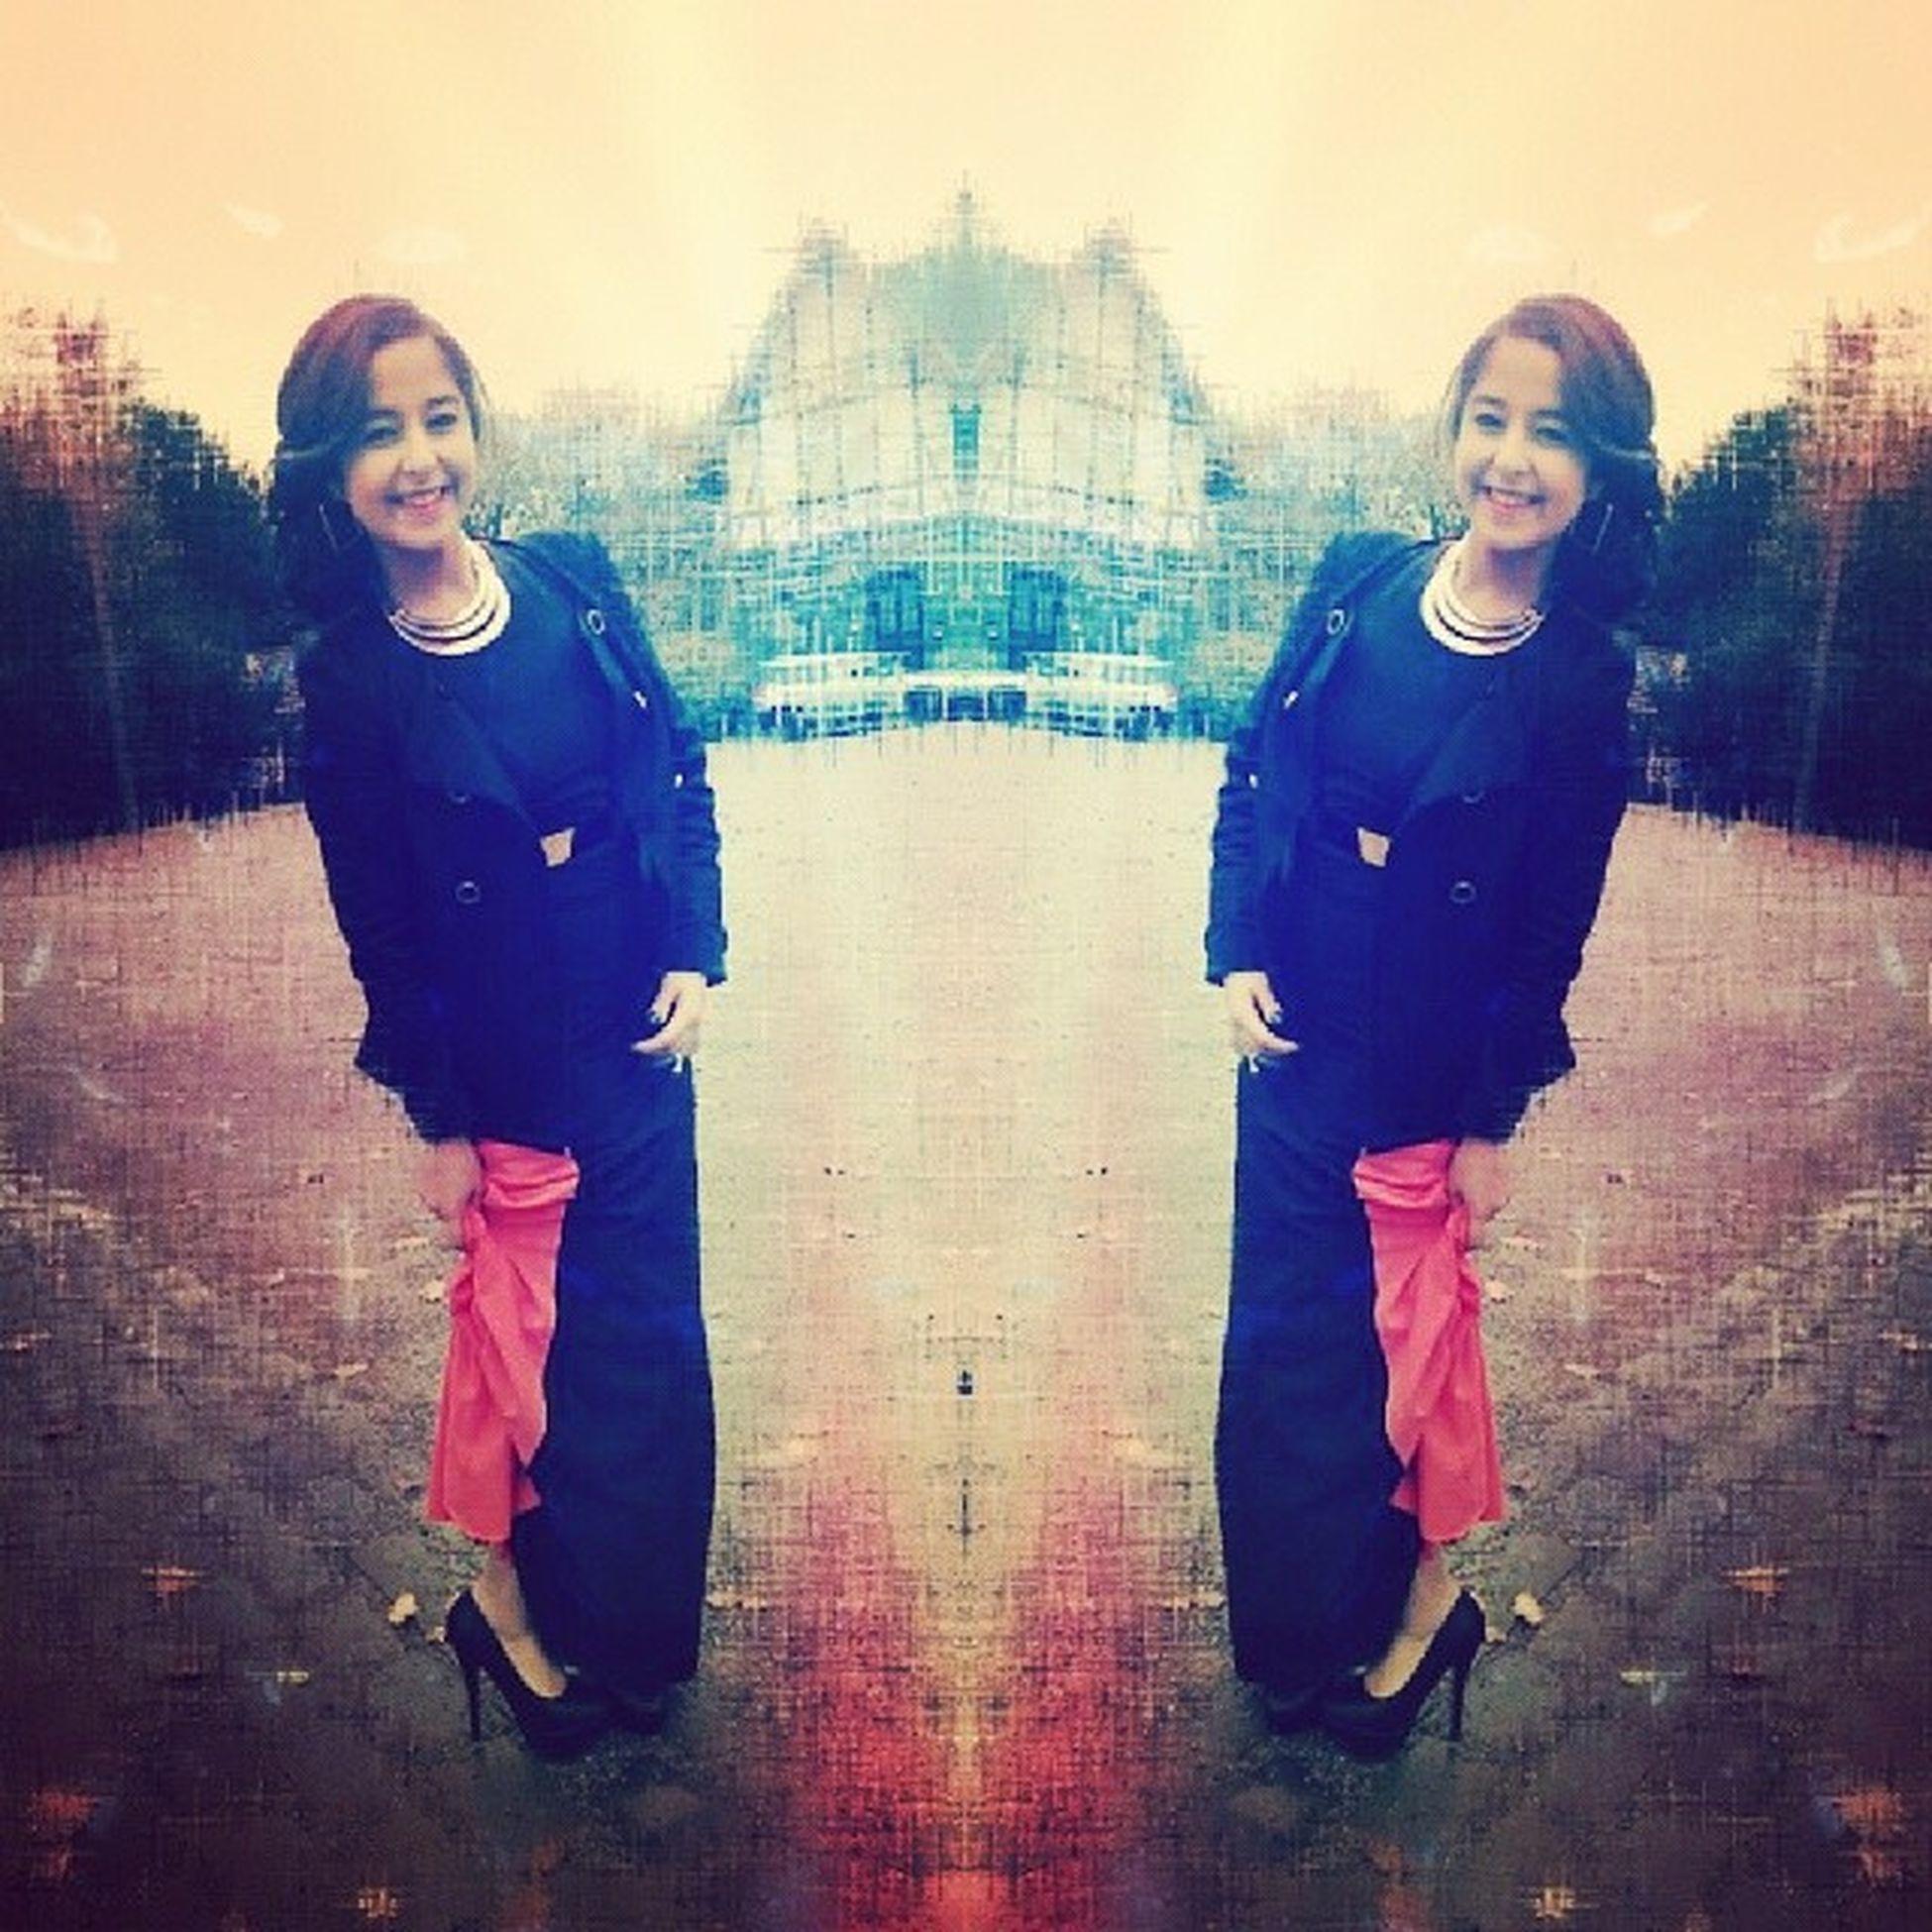 Ablas NİSAN Schwesters Verlobung cute love dress highheels high heels Slim Shady live liveeminem ♥